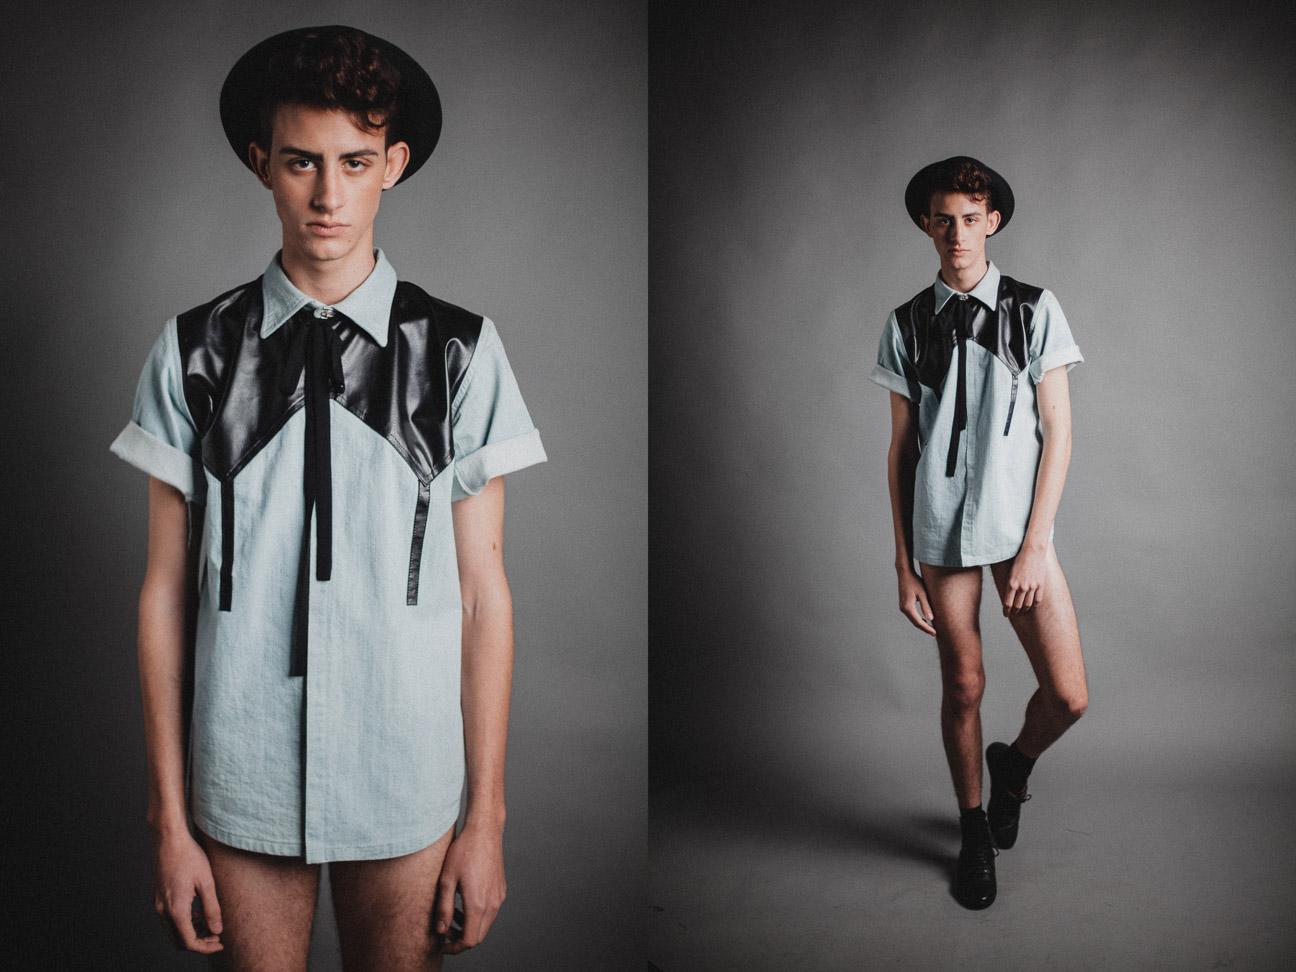 fotografia publicidad catalogo de ropa valencia (1)